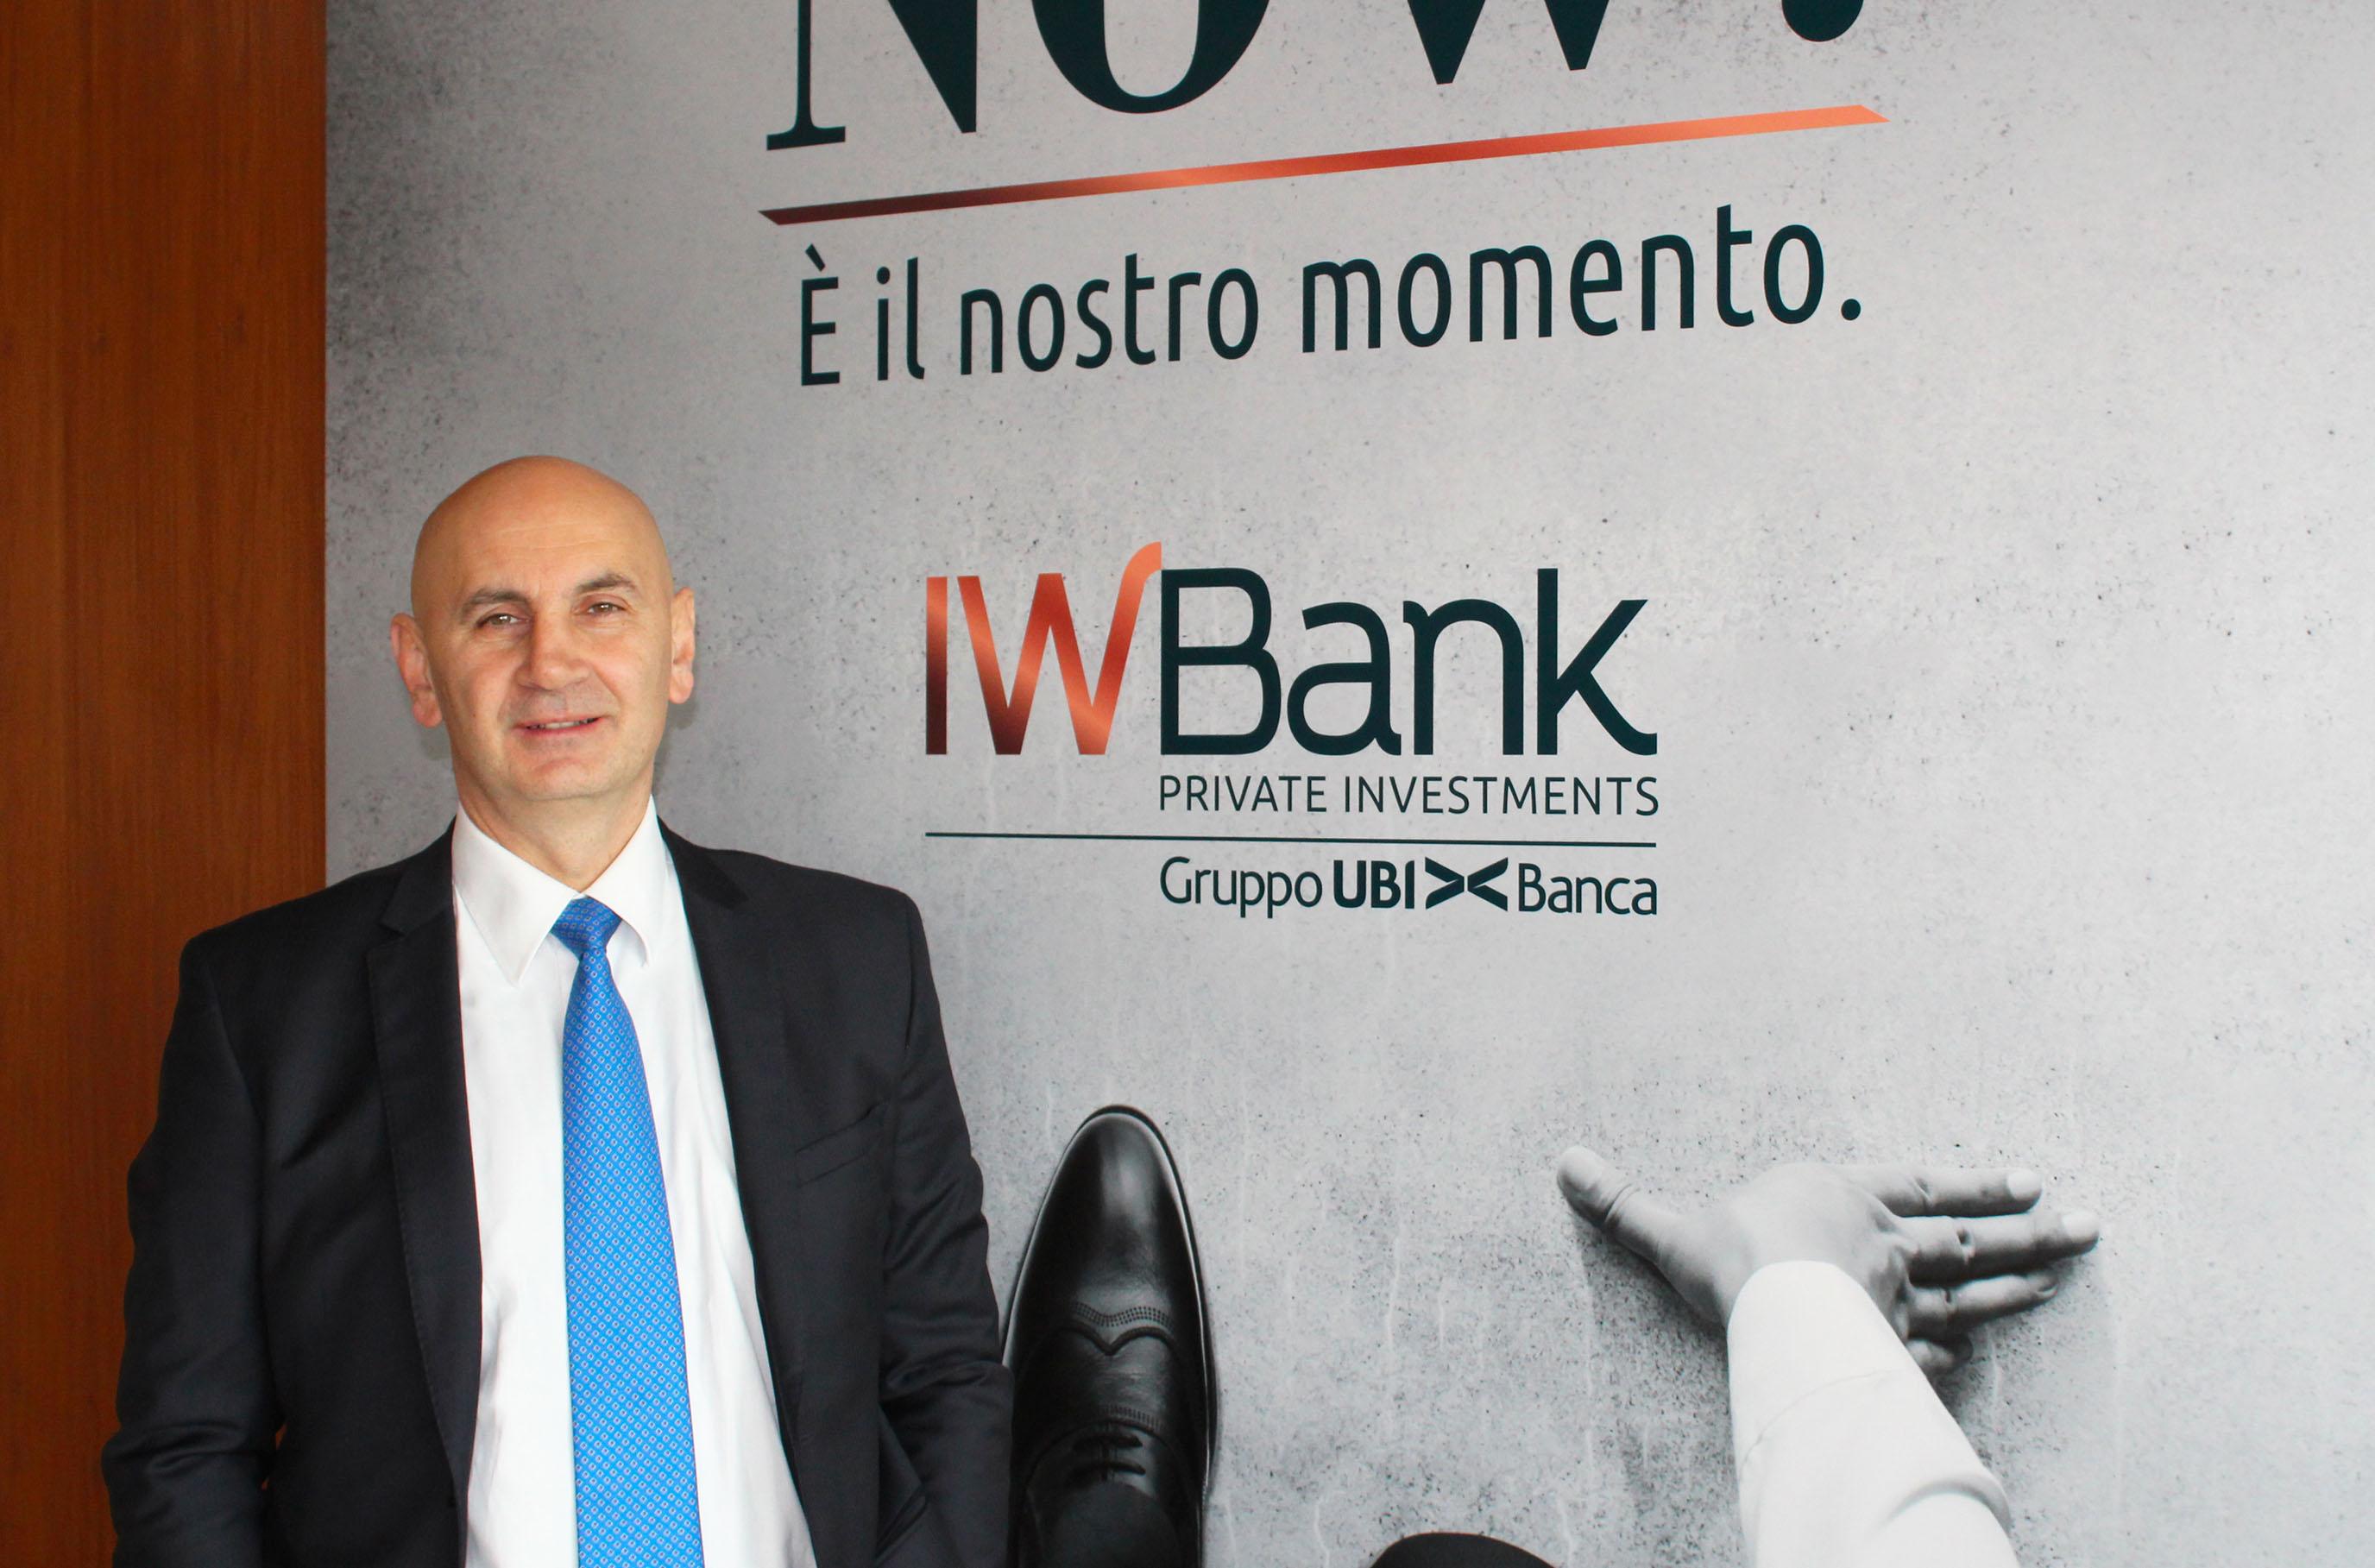 IwBank potenzia la rete con due nuovi ingressi di rilievo da Ubs